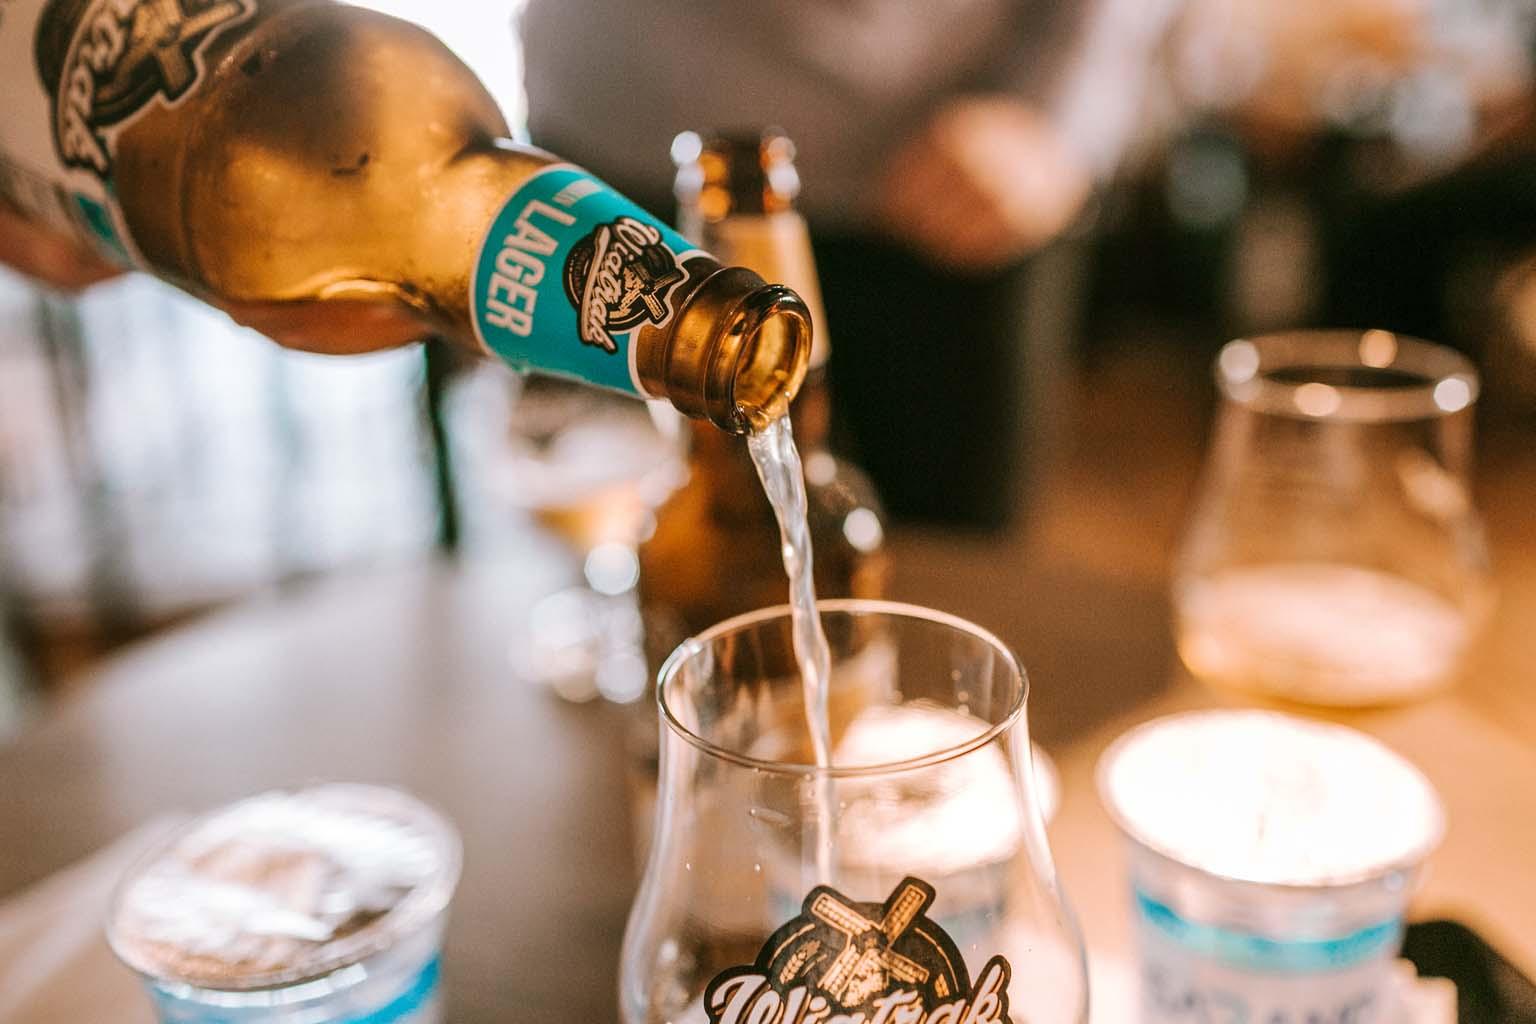 Cervejaria Wiatrak serra gaucha